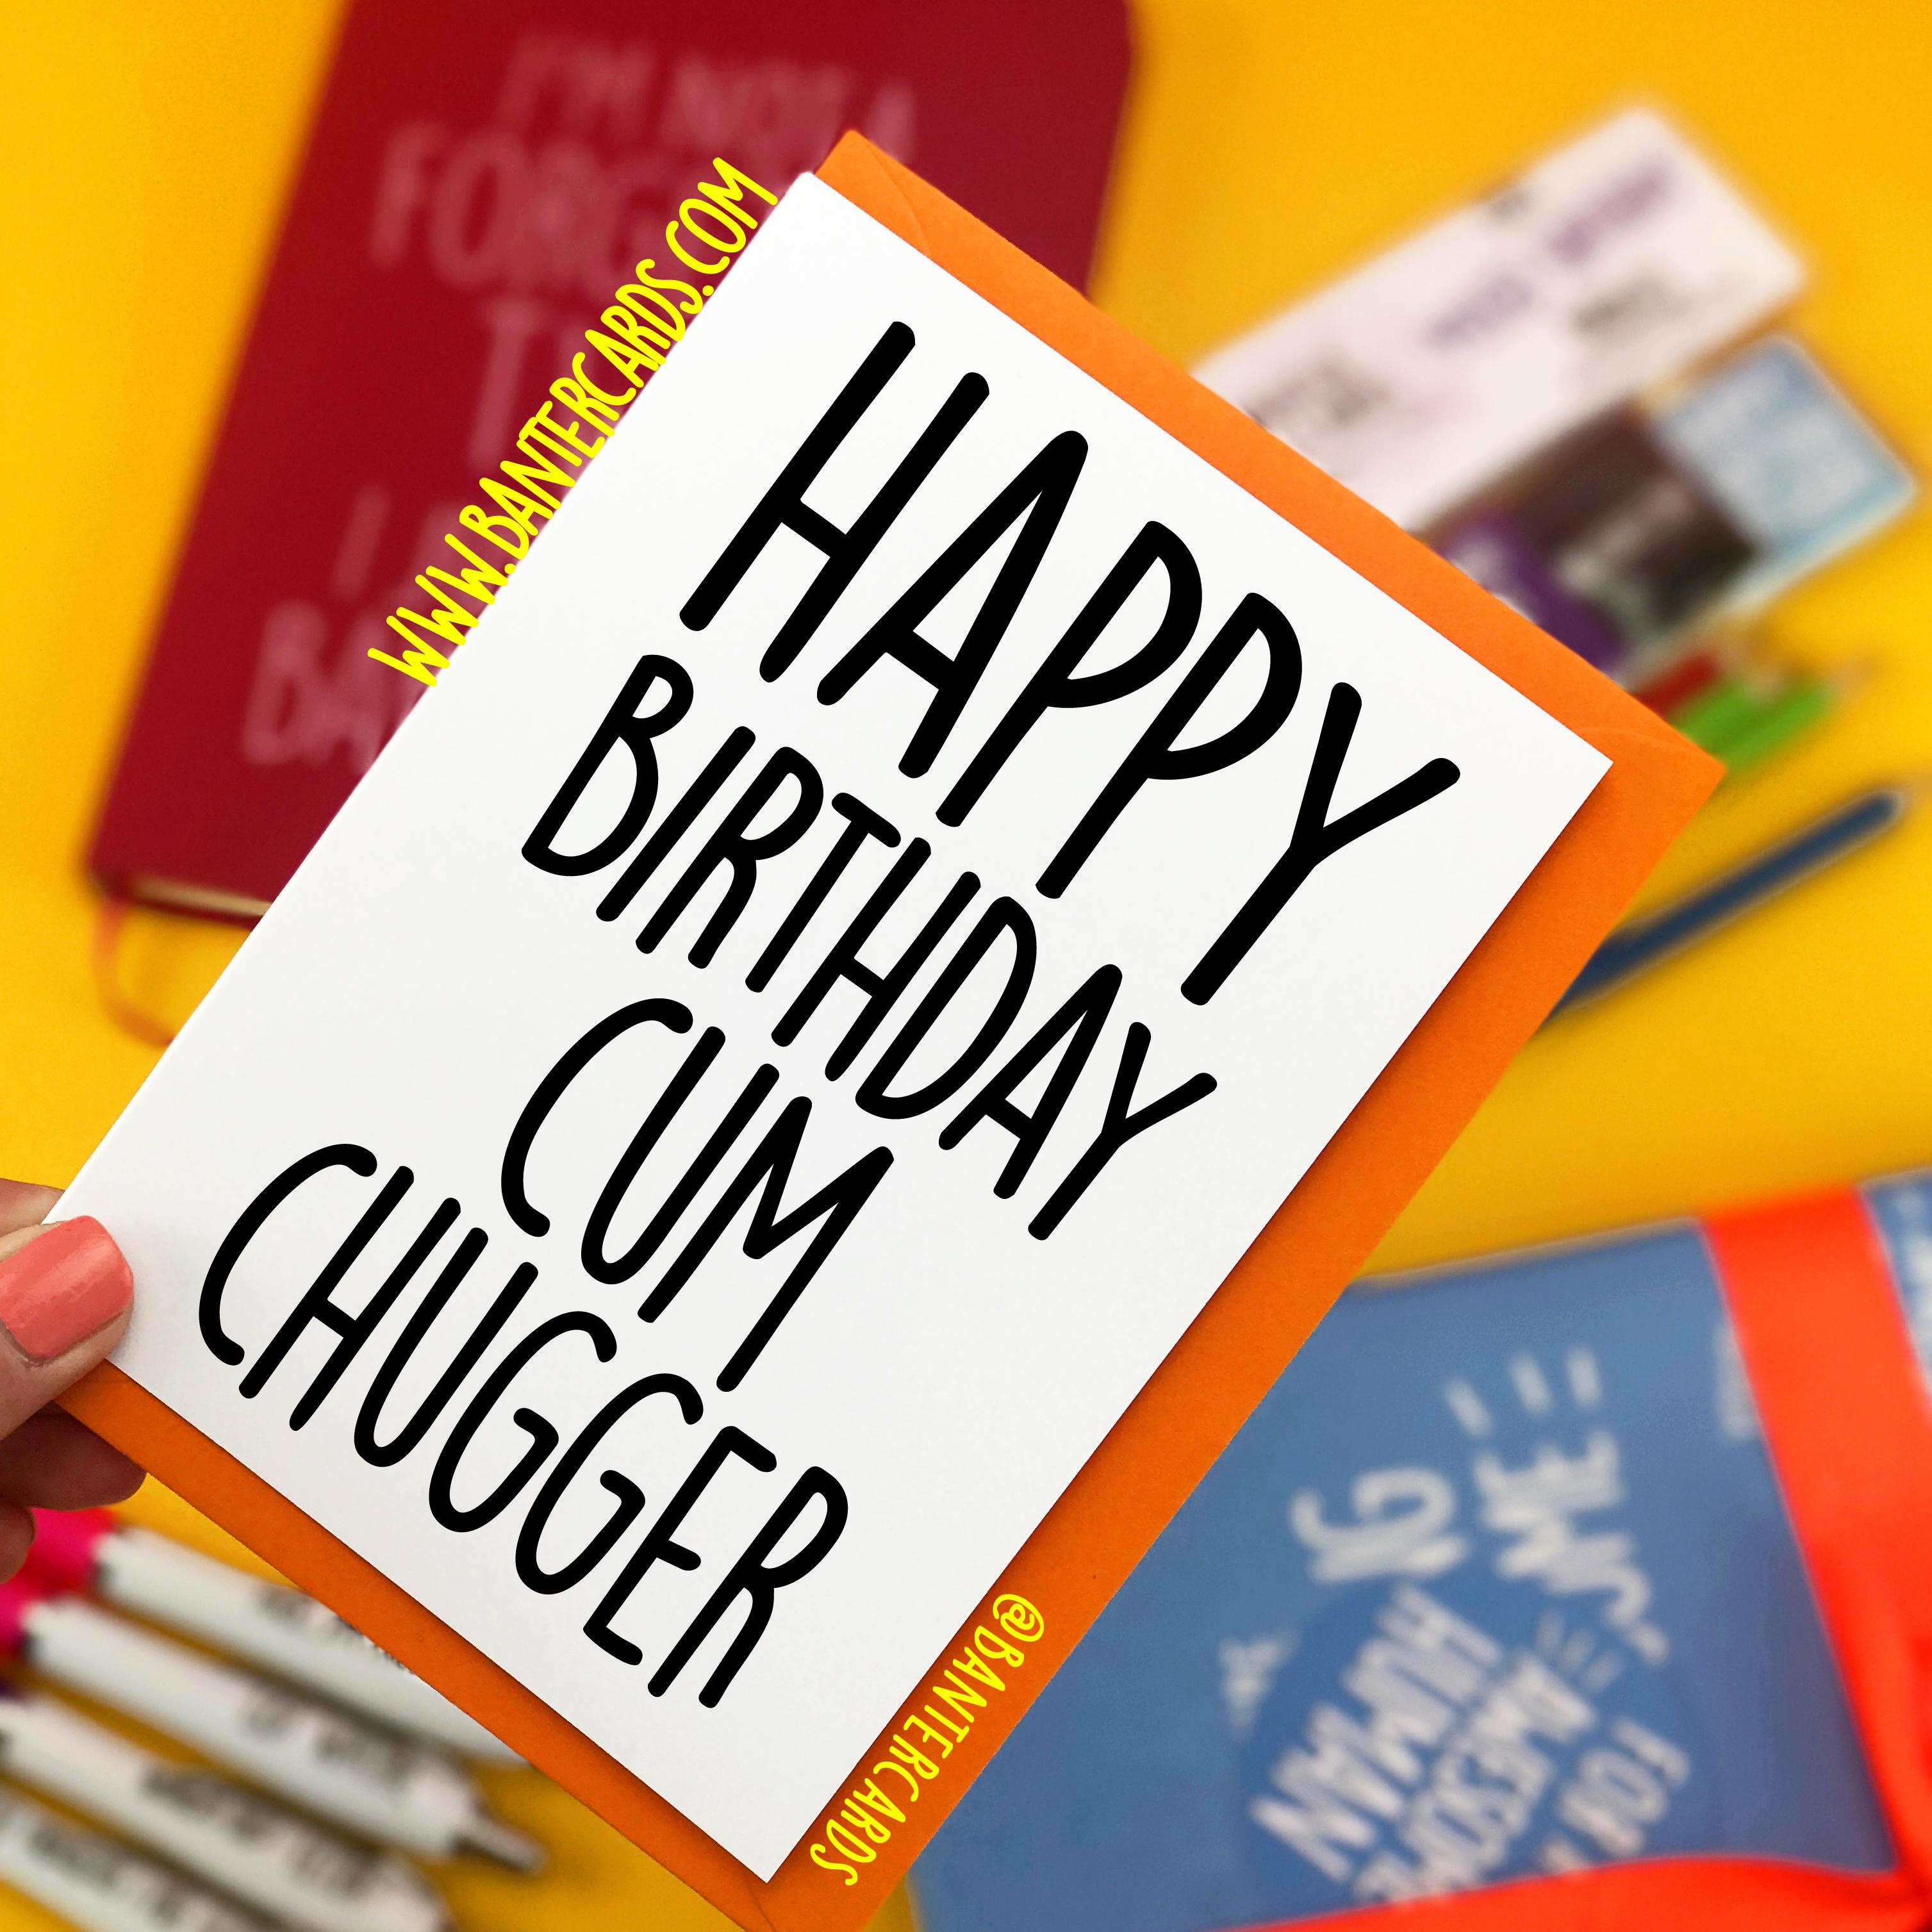 HAPPY BIRTHDAY CUM CHUGGER